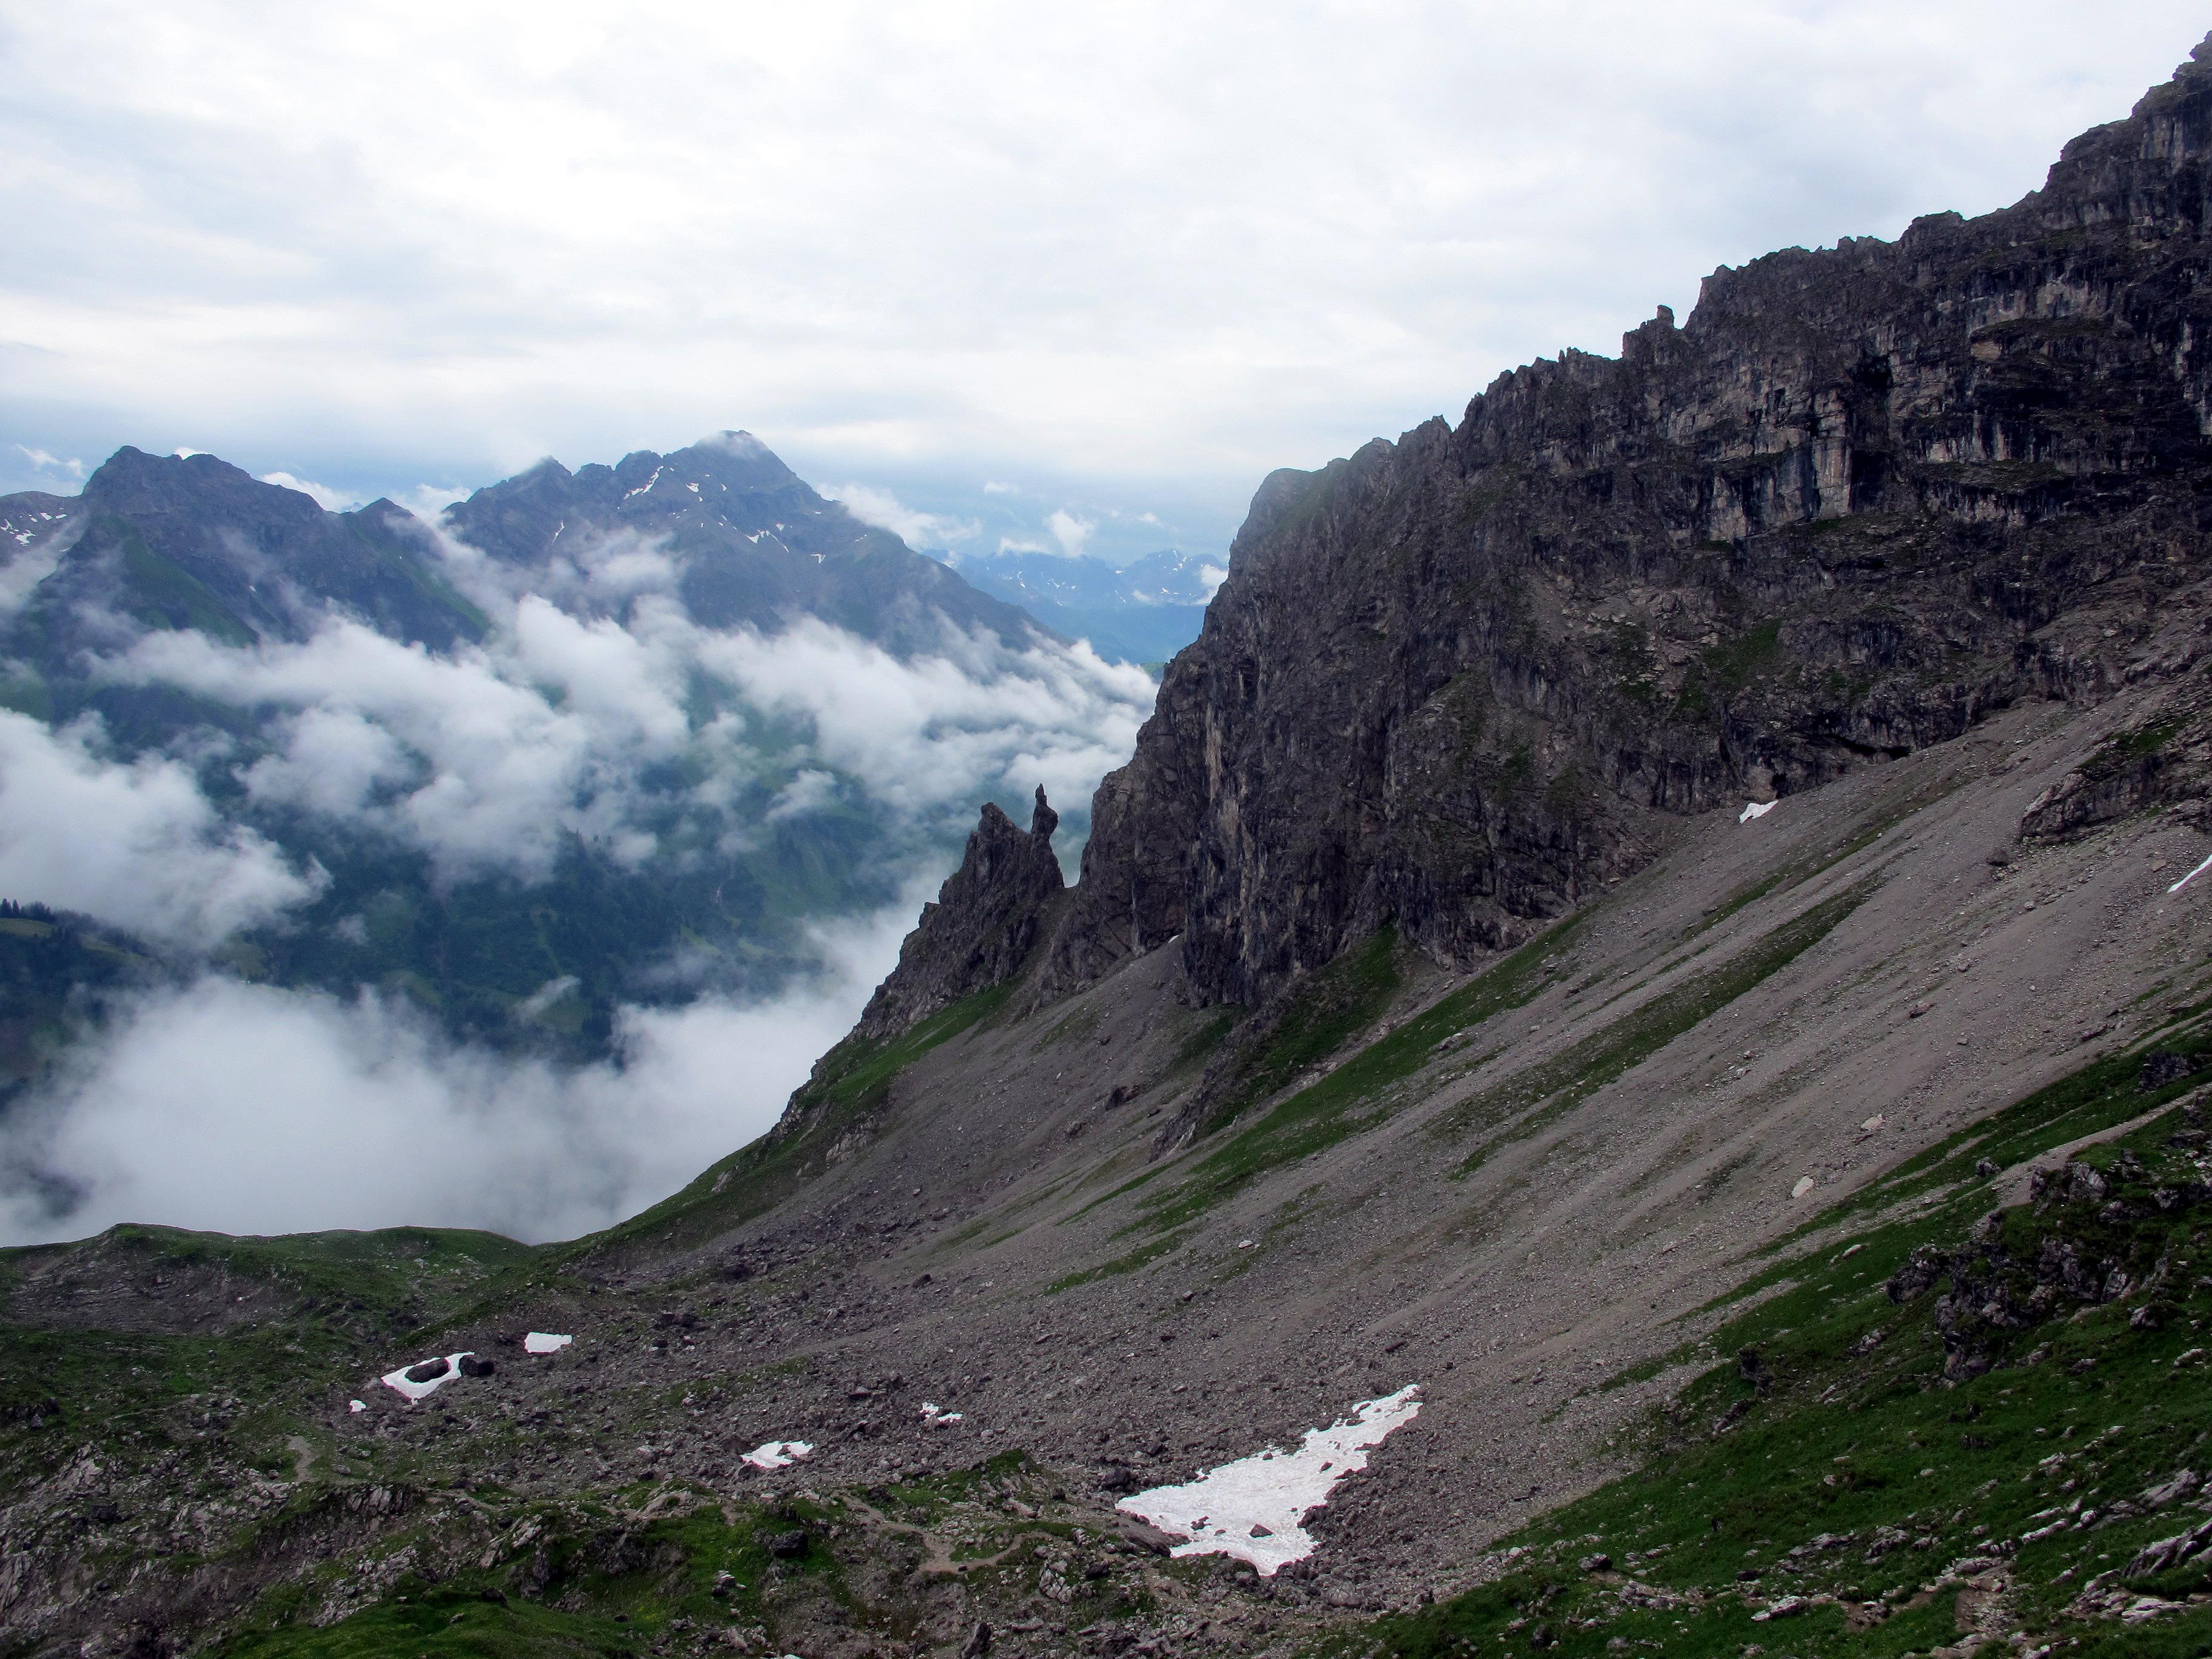 IMG_3708.jpg fiderepasshütte